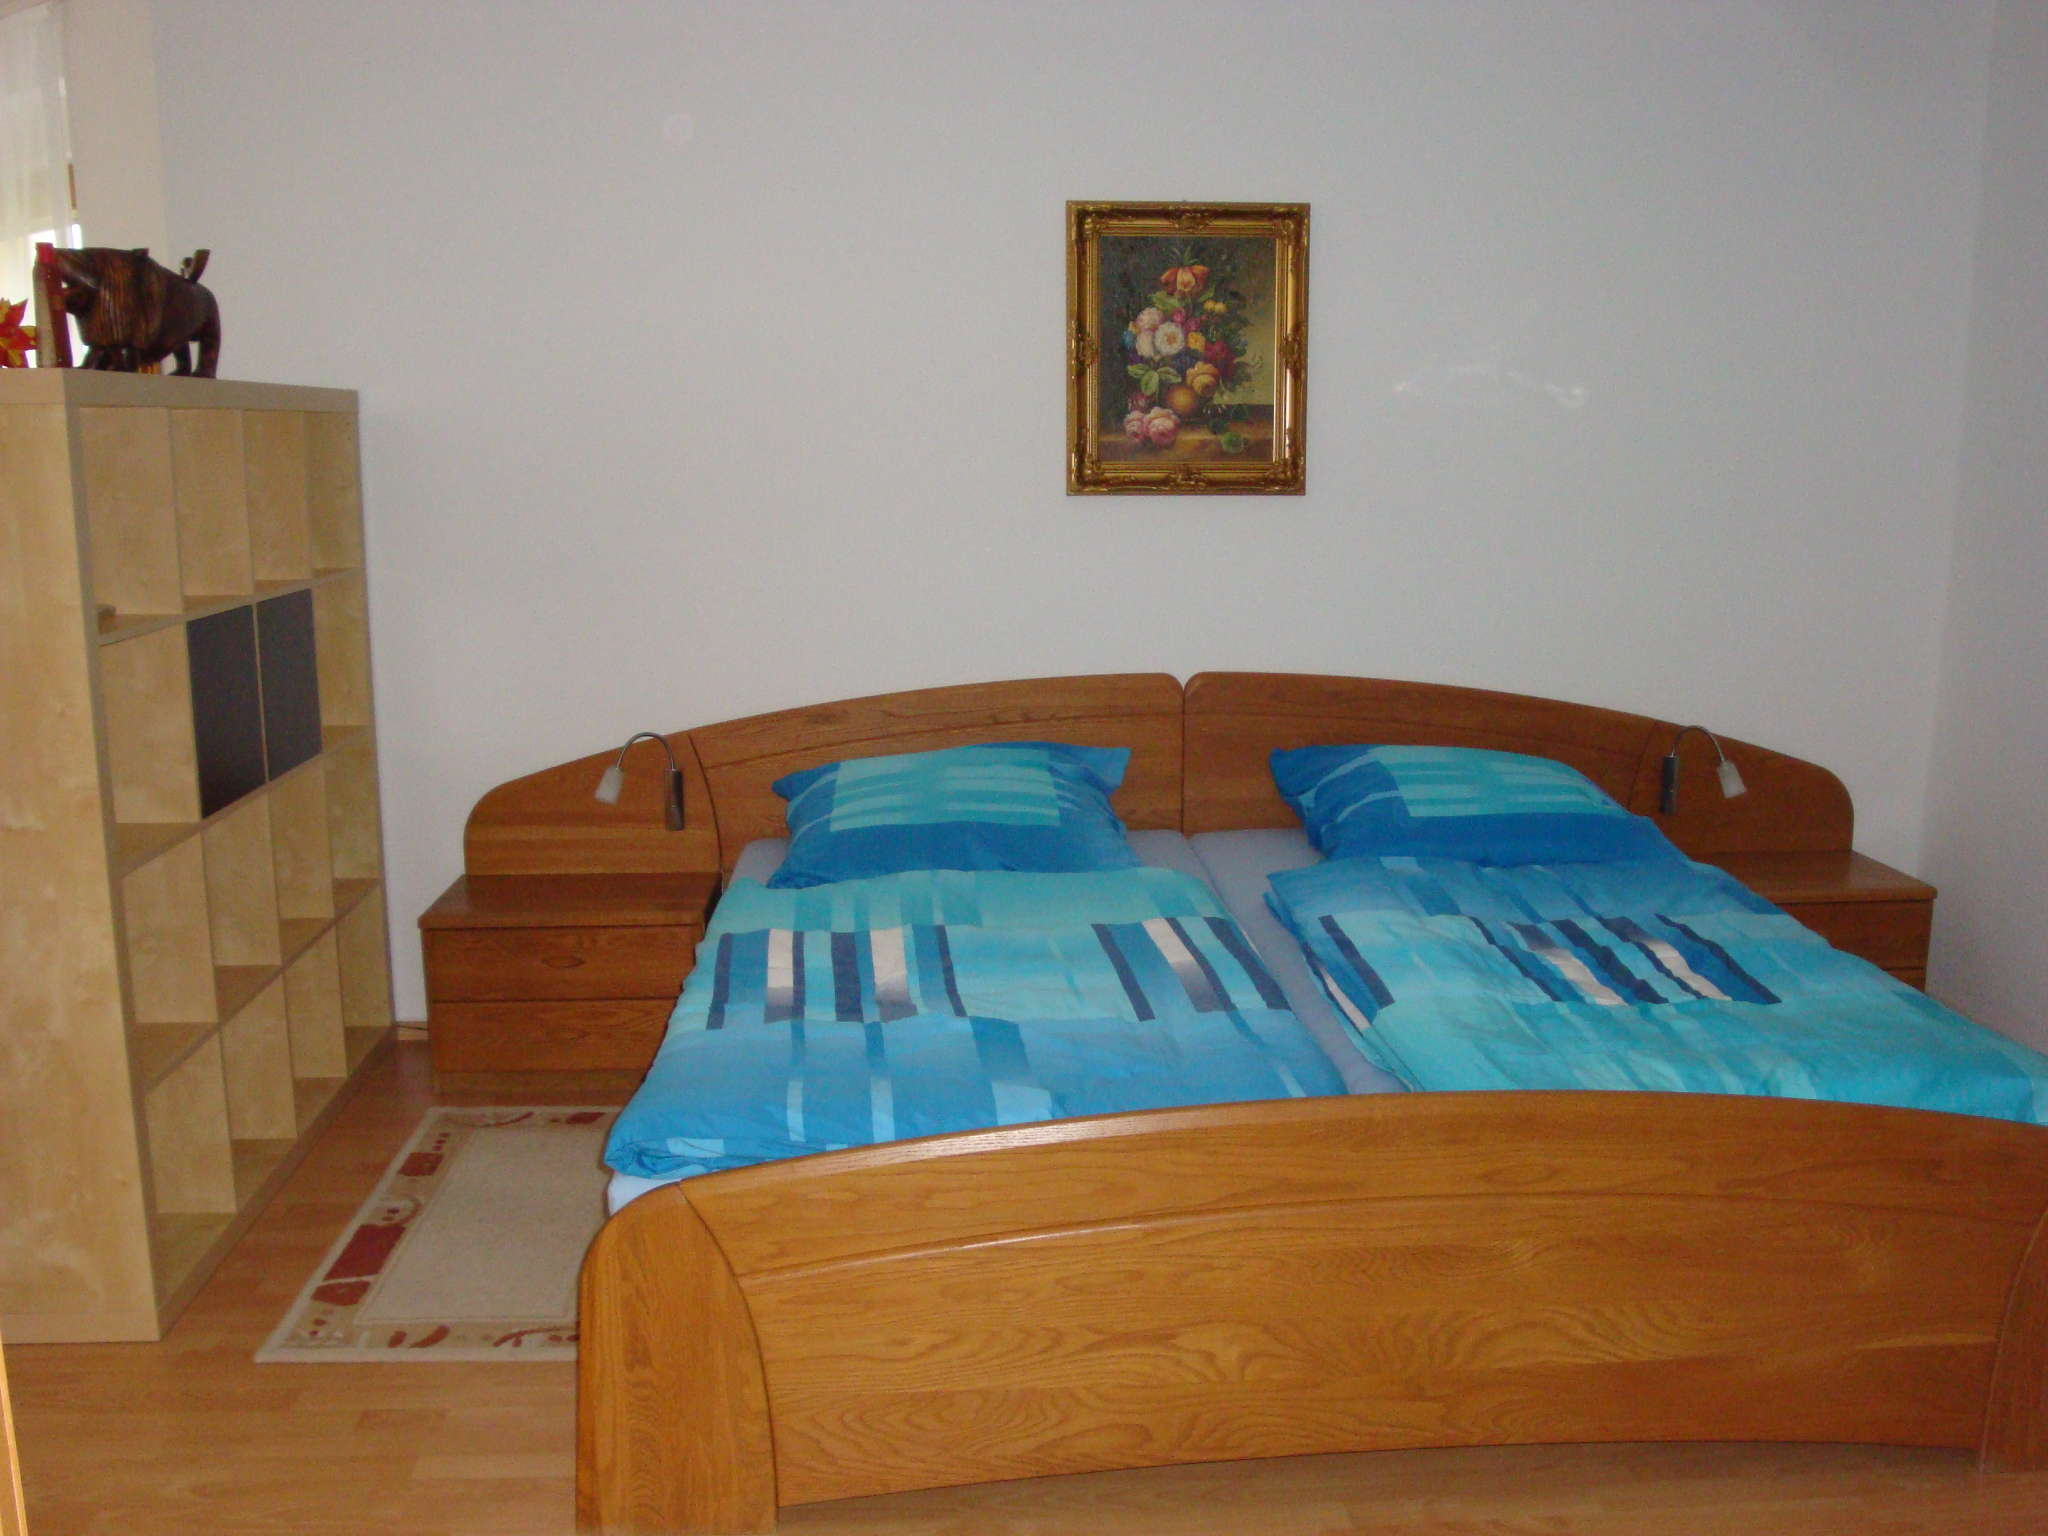 Blick auf das großzügige Doppelbett